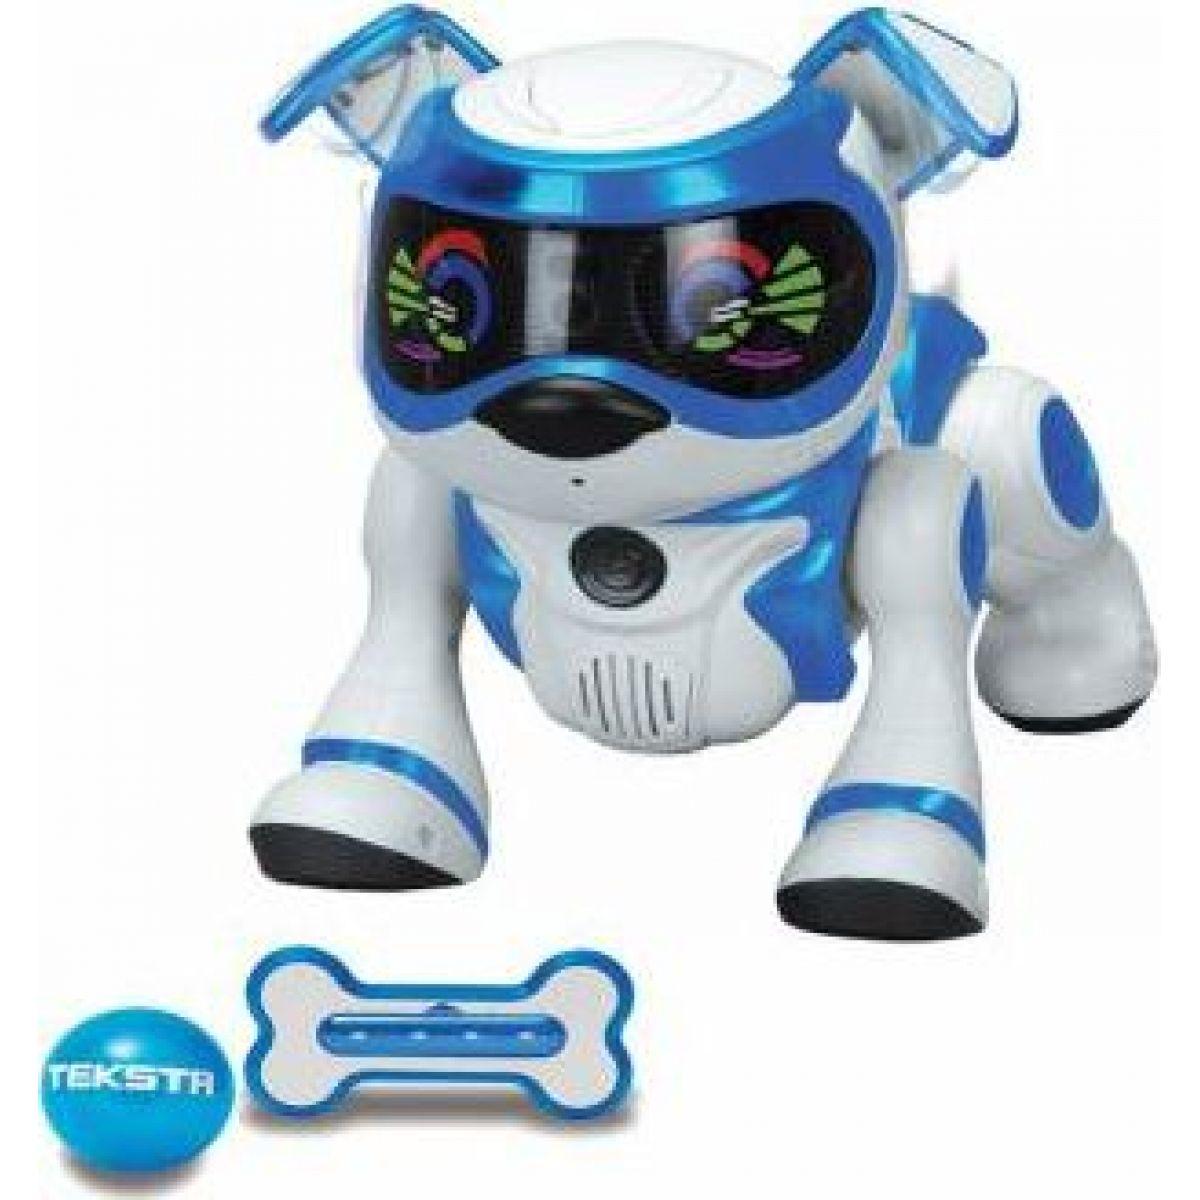 Cobi Teksta Robotické štěně ovládané hlasem Bílo-modrá